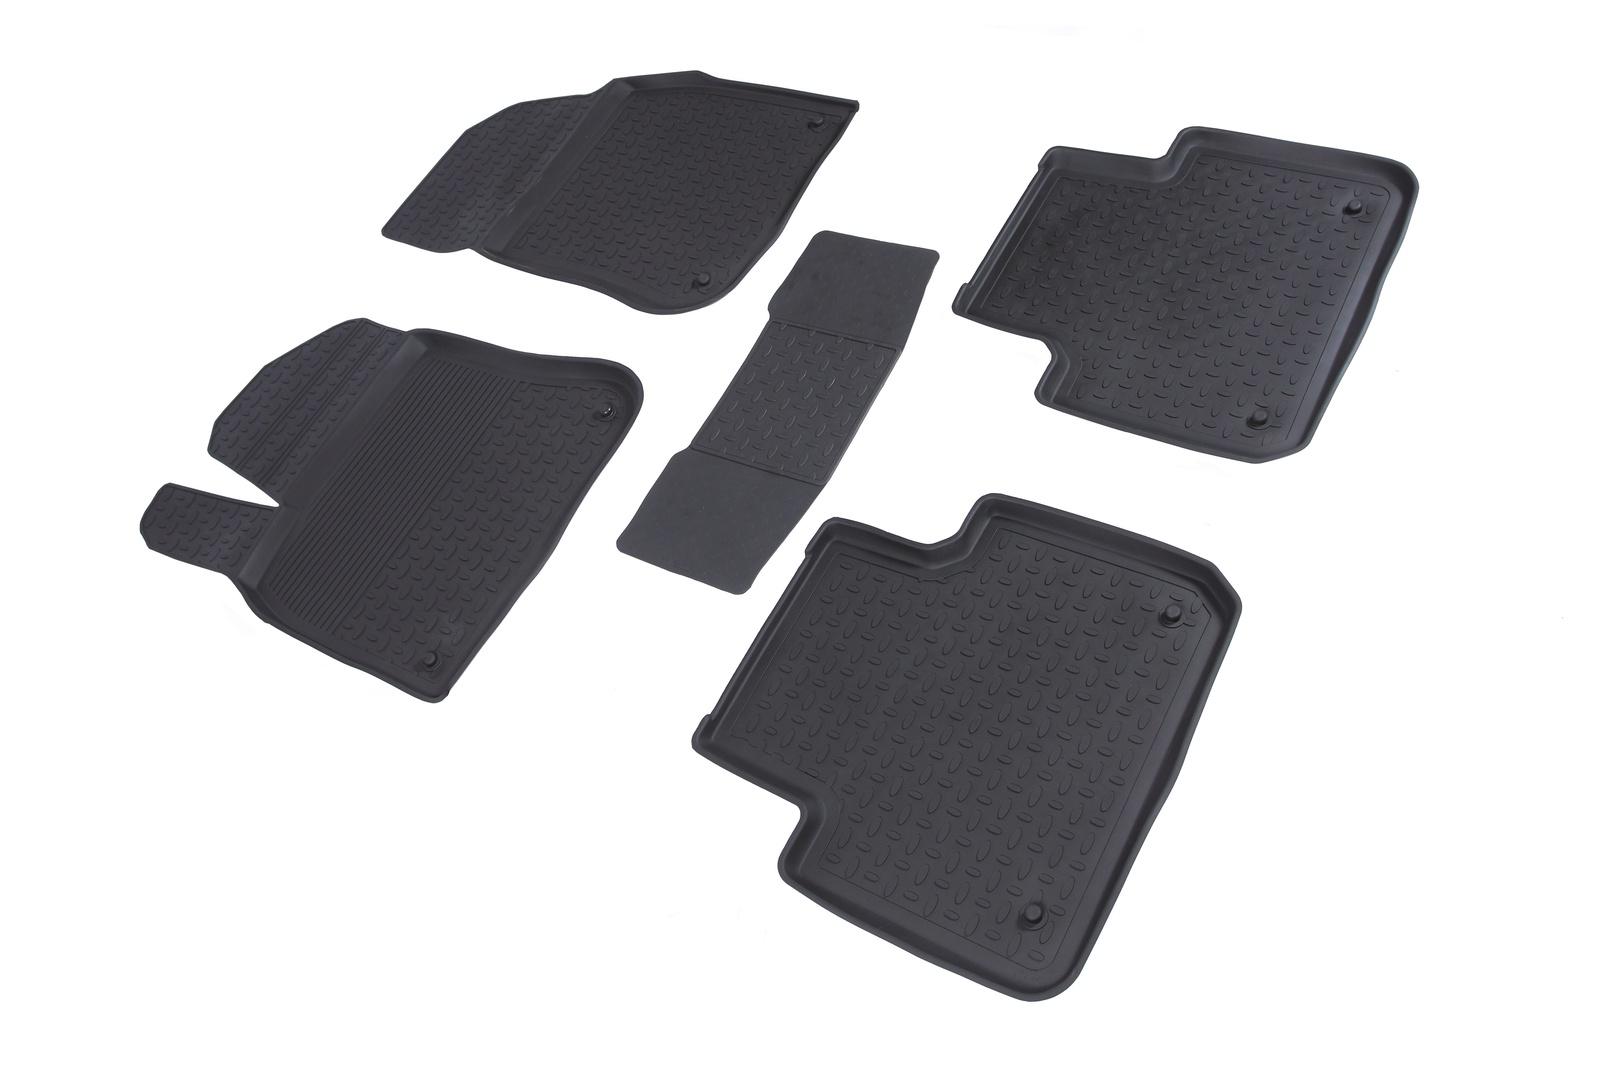 цена на Коврики в салон автомобиля Seintex Резиновые коврики с высоким бортом для Toyota Highlander III 2013-н.в.